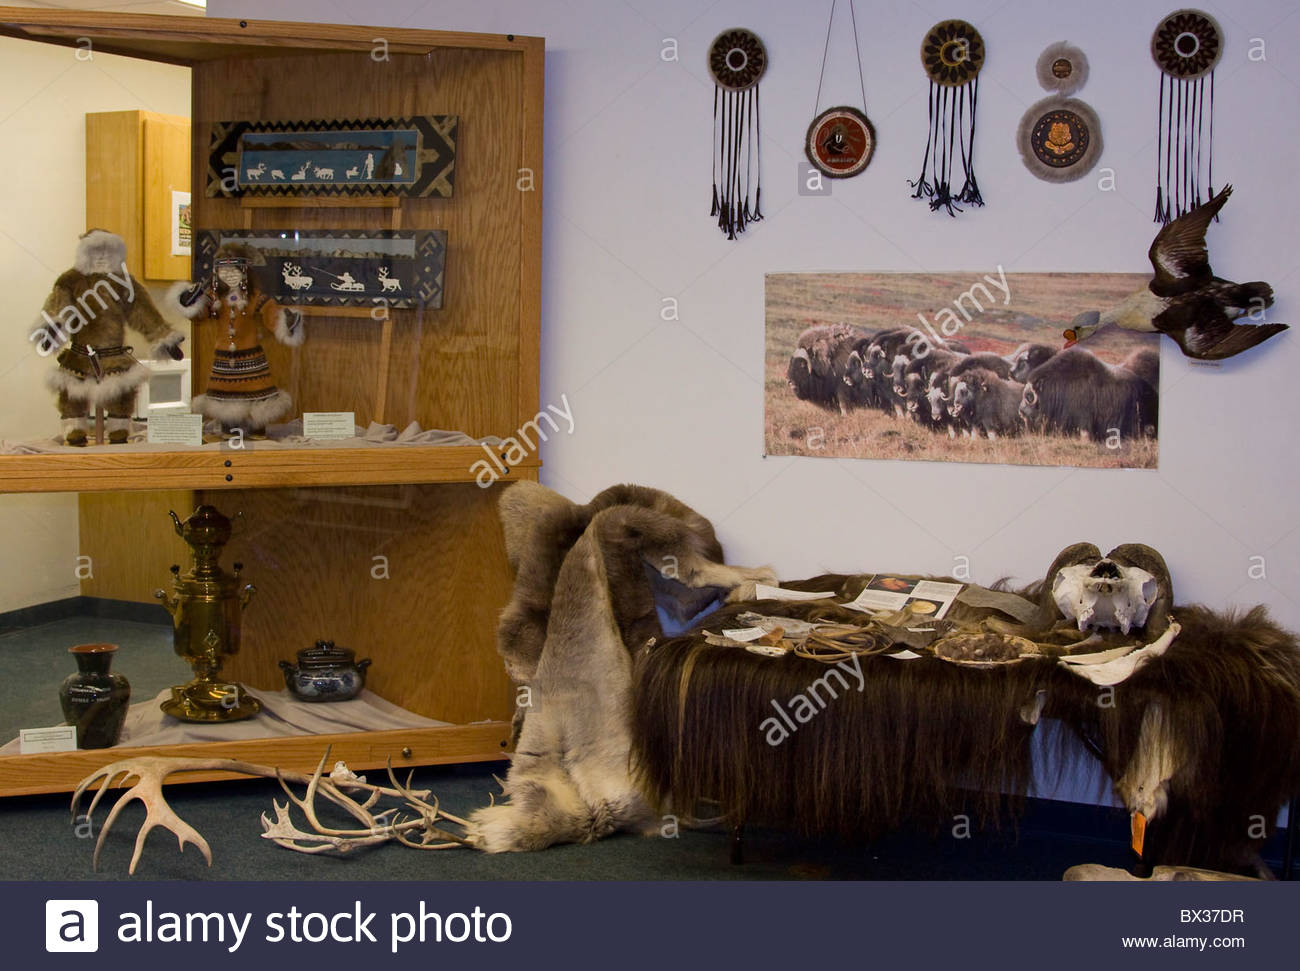 Alaska. Zur Veranschaulichung Beringia-Kunst, Kultur und Tiere aus den russischen Einfluss auf aktuelle Wildtiere Stockbild